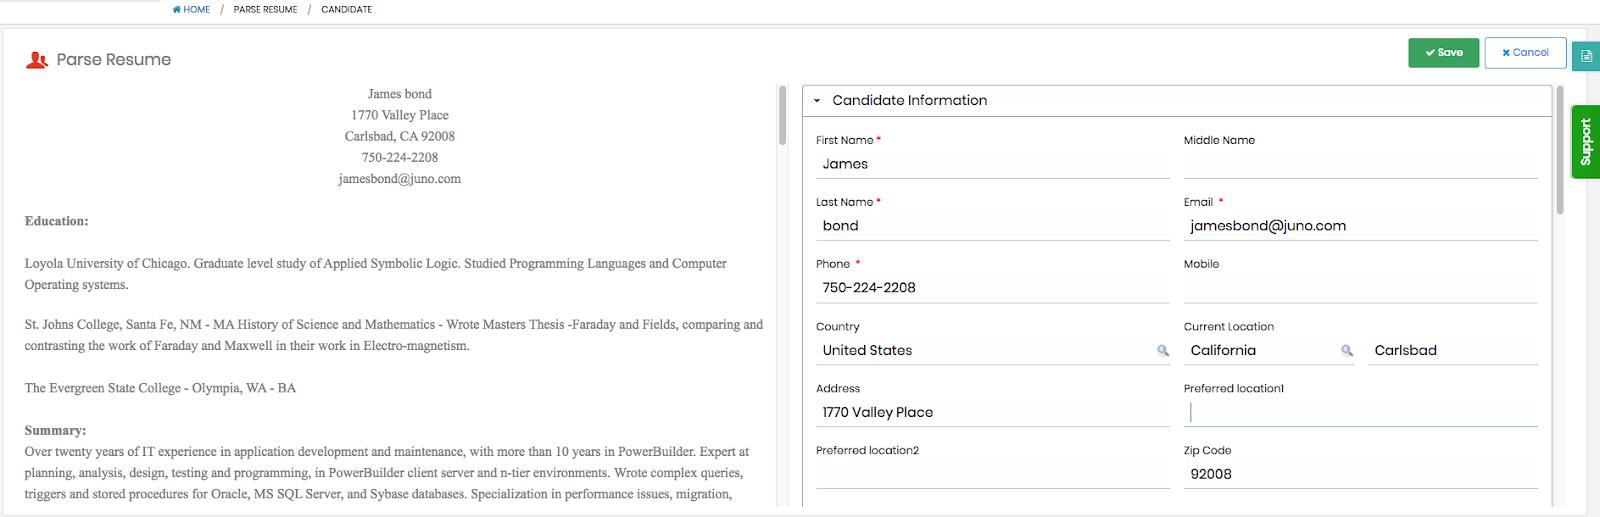 vultus recruit resume parsing tool